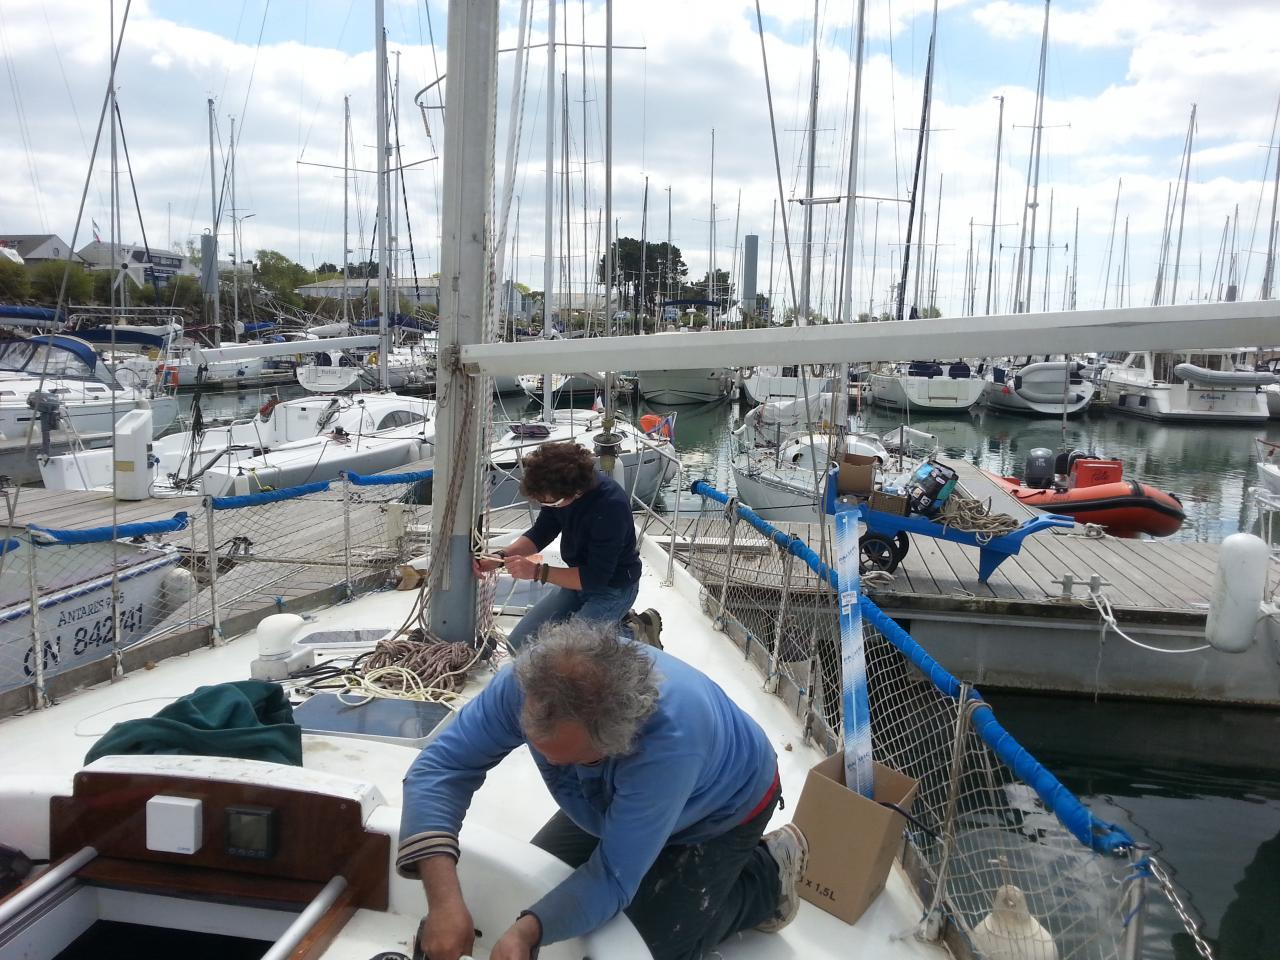 Thierry et Youenn s'activent à gréer le bateau